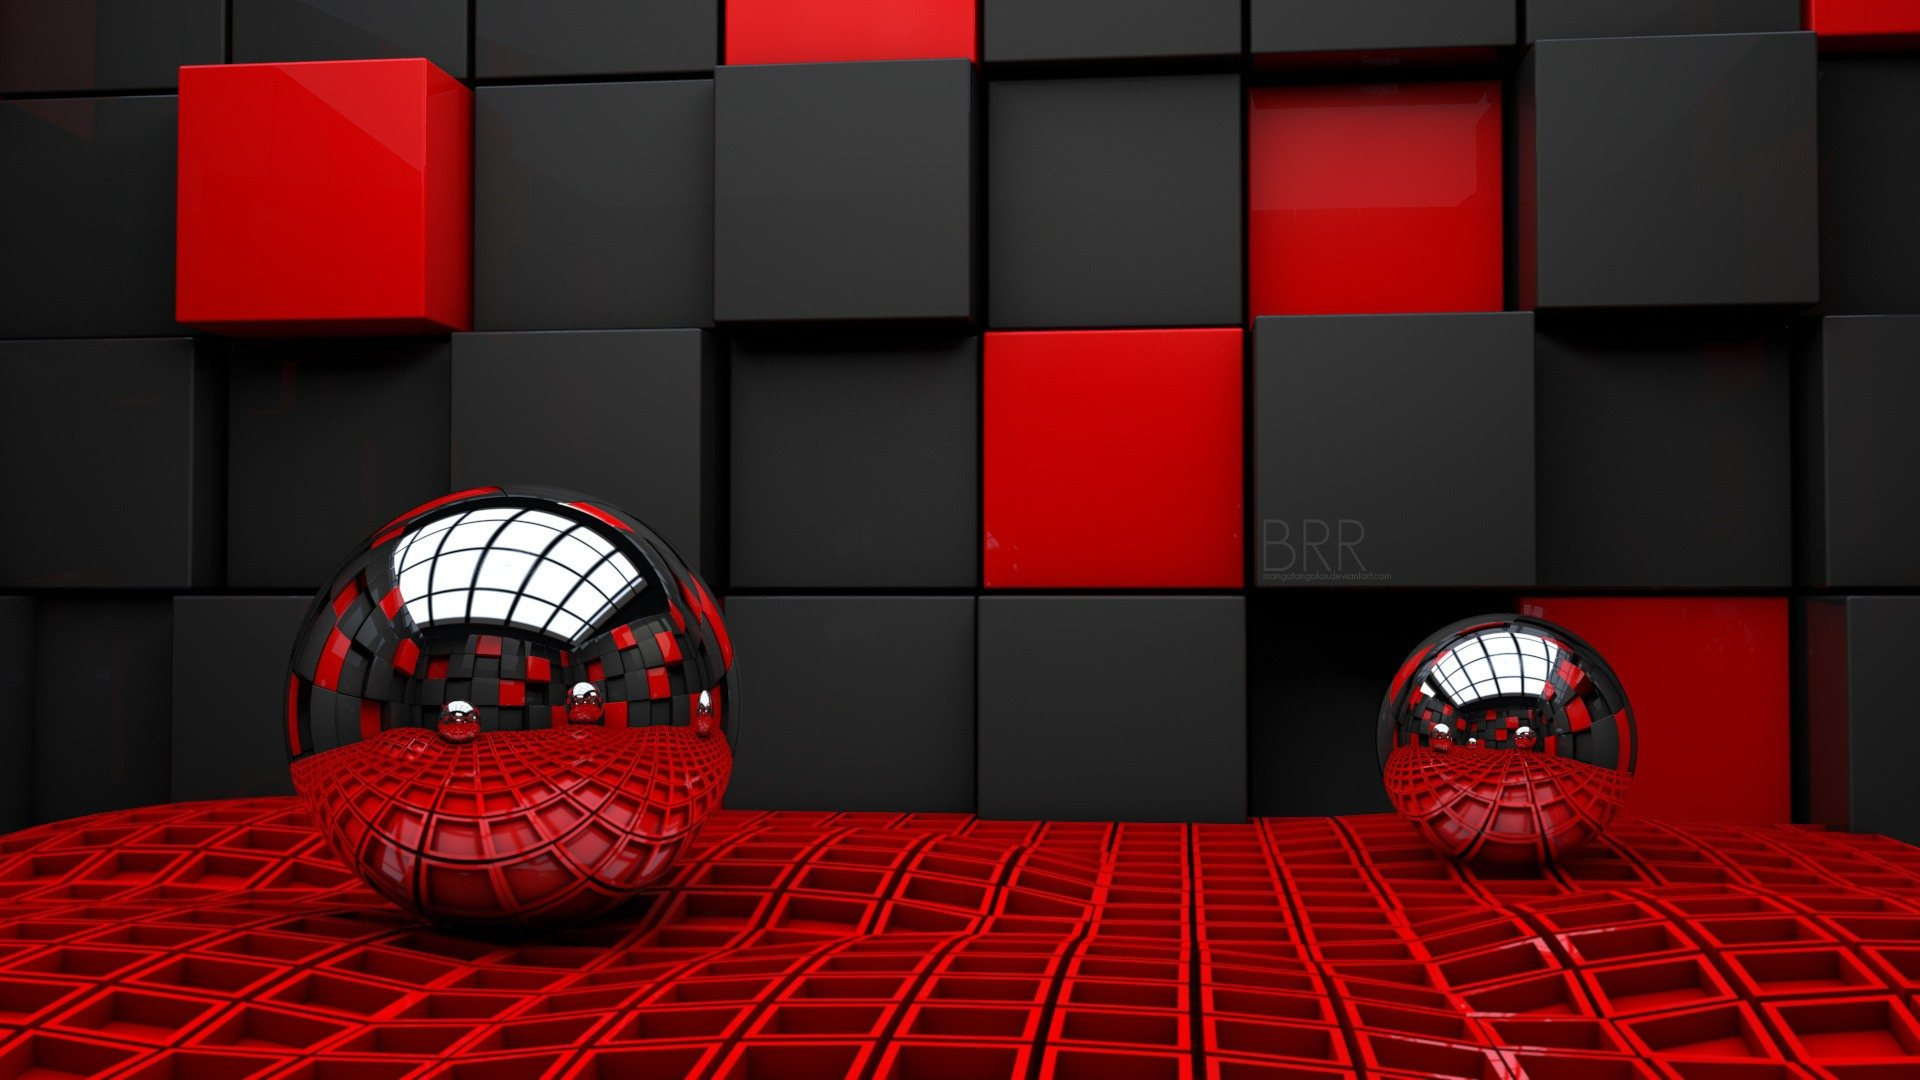 3d Wallpaper Hd 11 HD Wallpaper 3D Desktop Backgrounds cheap 1920x1080